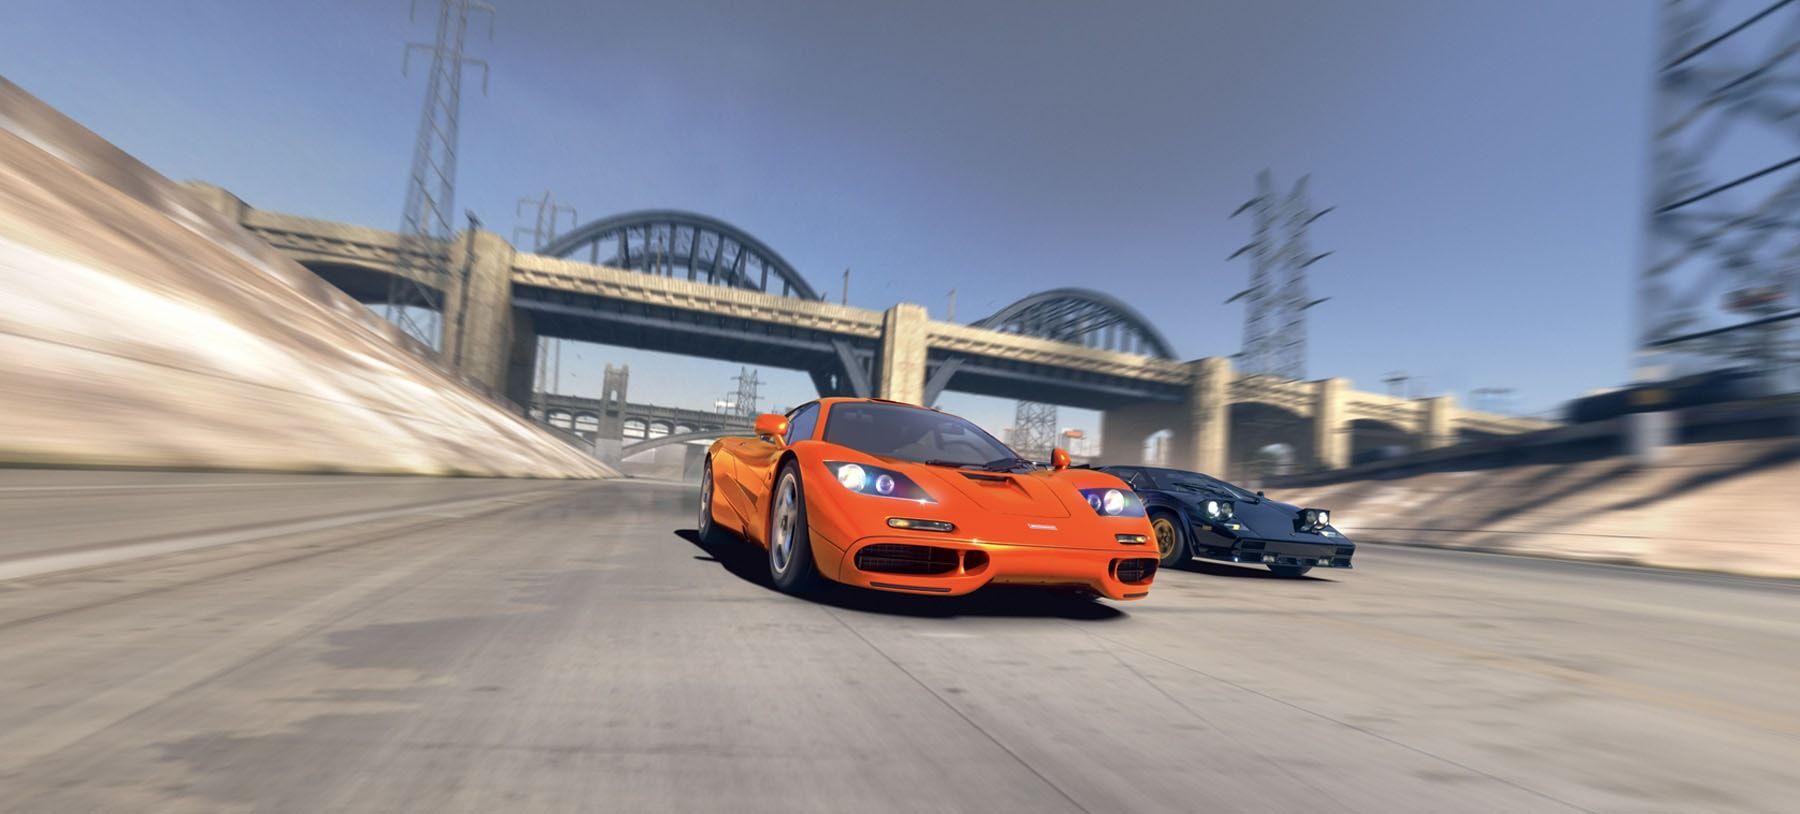 Free Csr Racing 2 Download Gems Csr Racing 2 Online Generator In 2020 Online Games Racing Csr